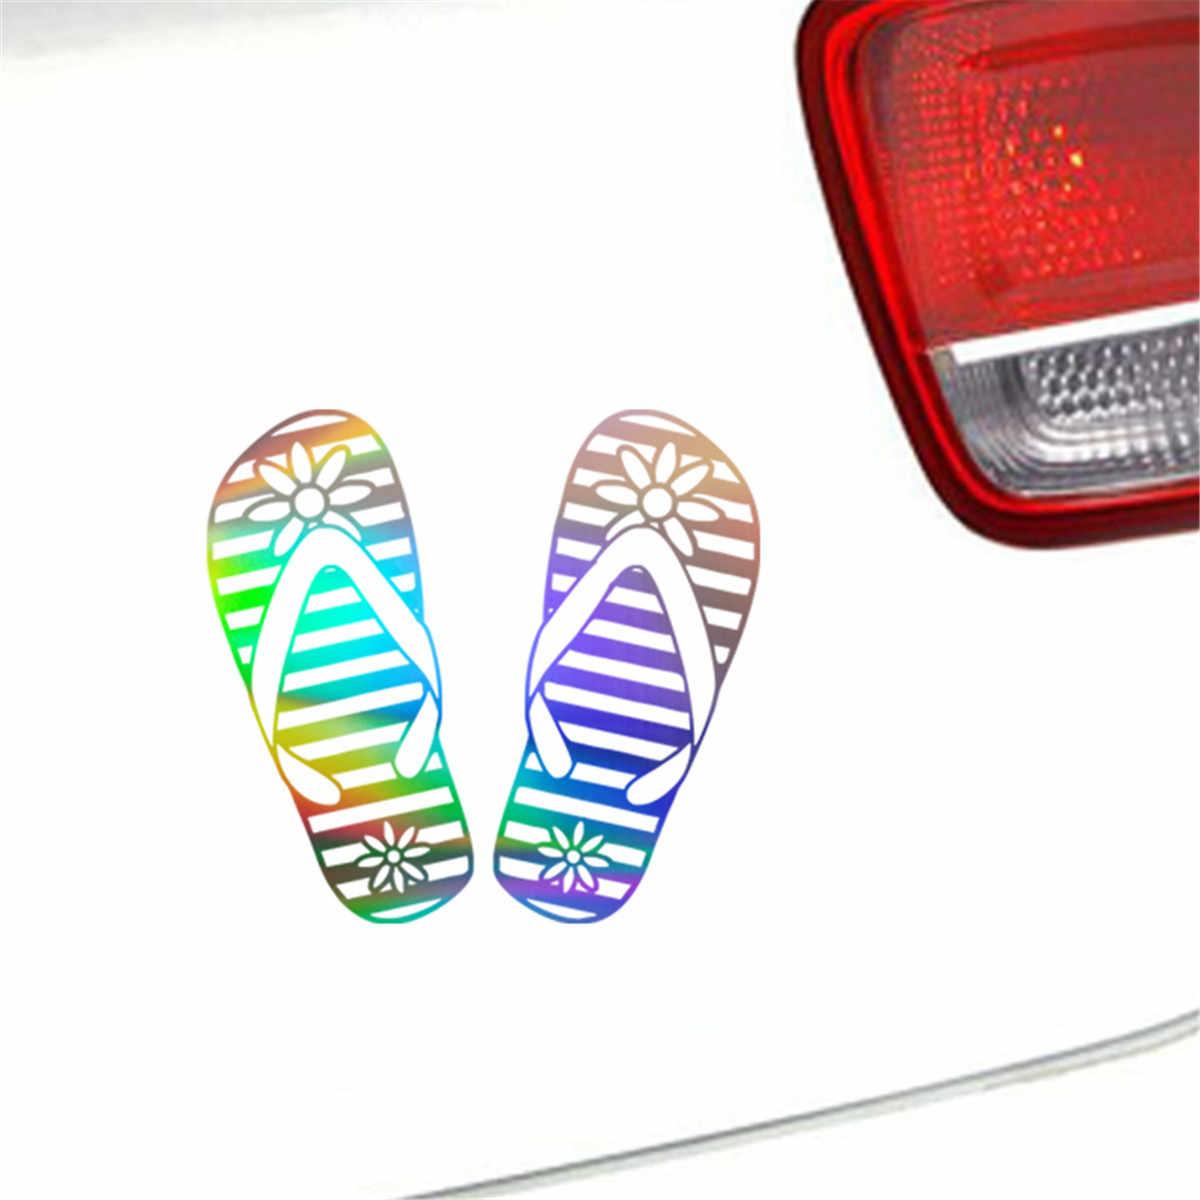 ... Thongs Flip Flops Car Wall Home Glass Window Door Car Sticker Laptop  Auto Truck Home Black ... fe0045d31f5d